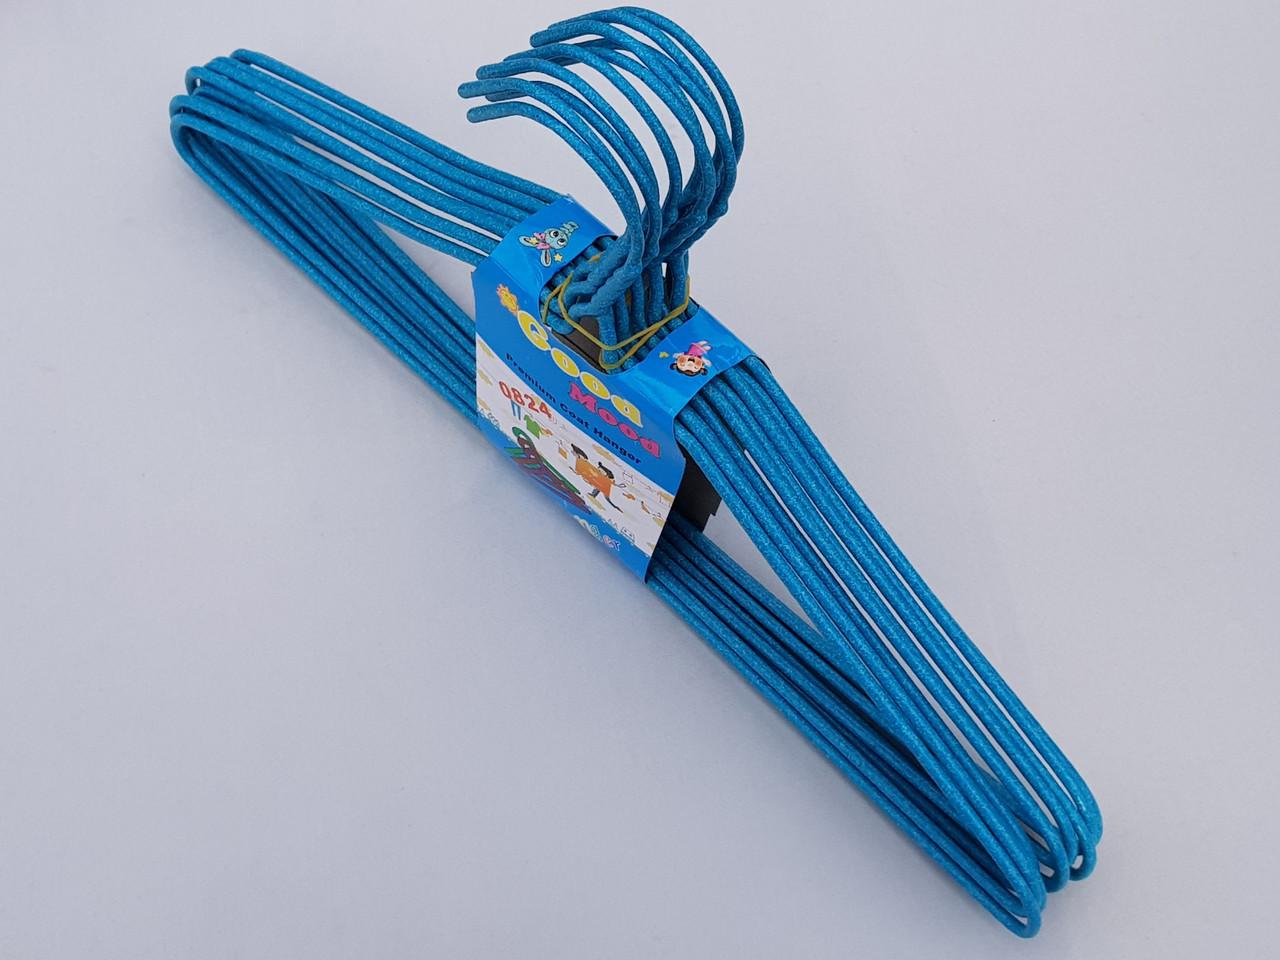 Плечики вешалки  тремпеля проволока в порошковой покраске голубого цвета, длина 39,5 см, в упаковке 10 штук